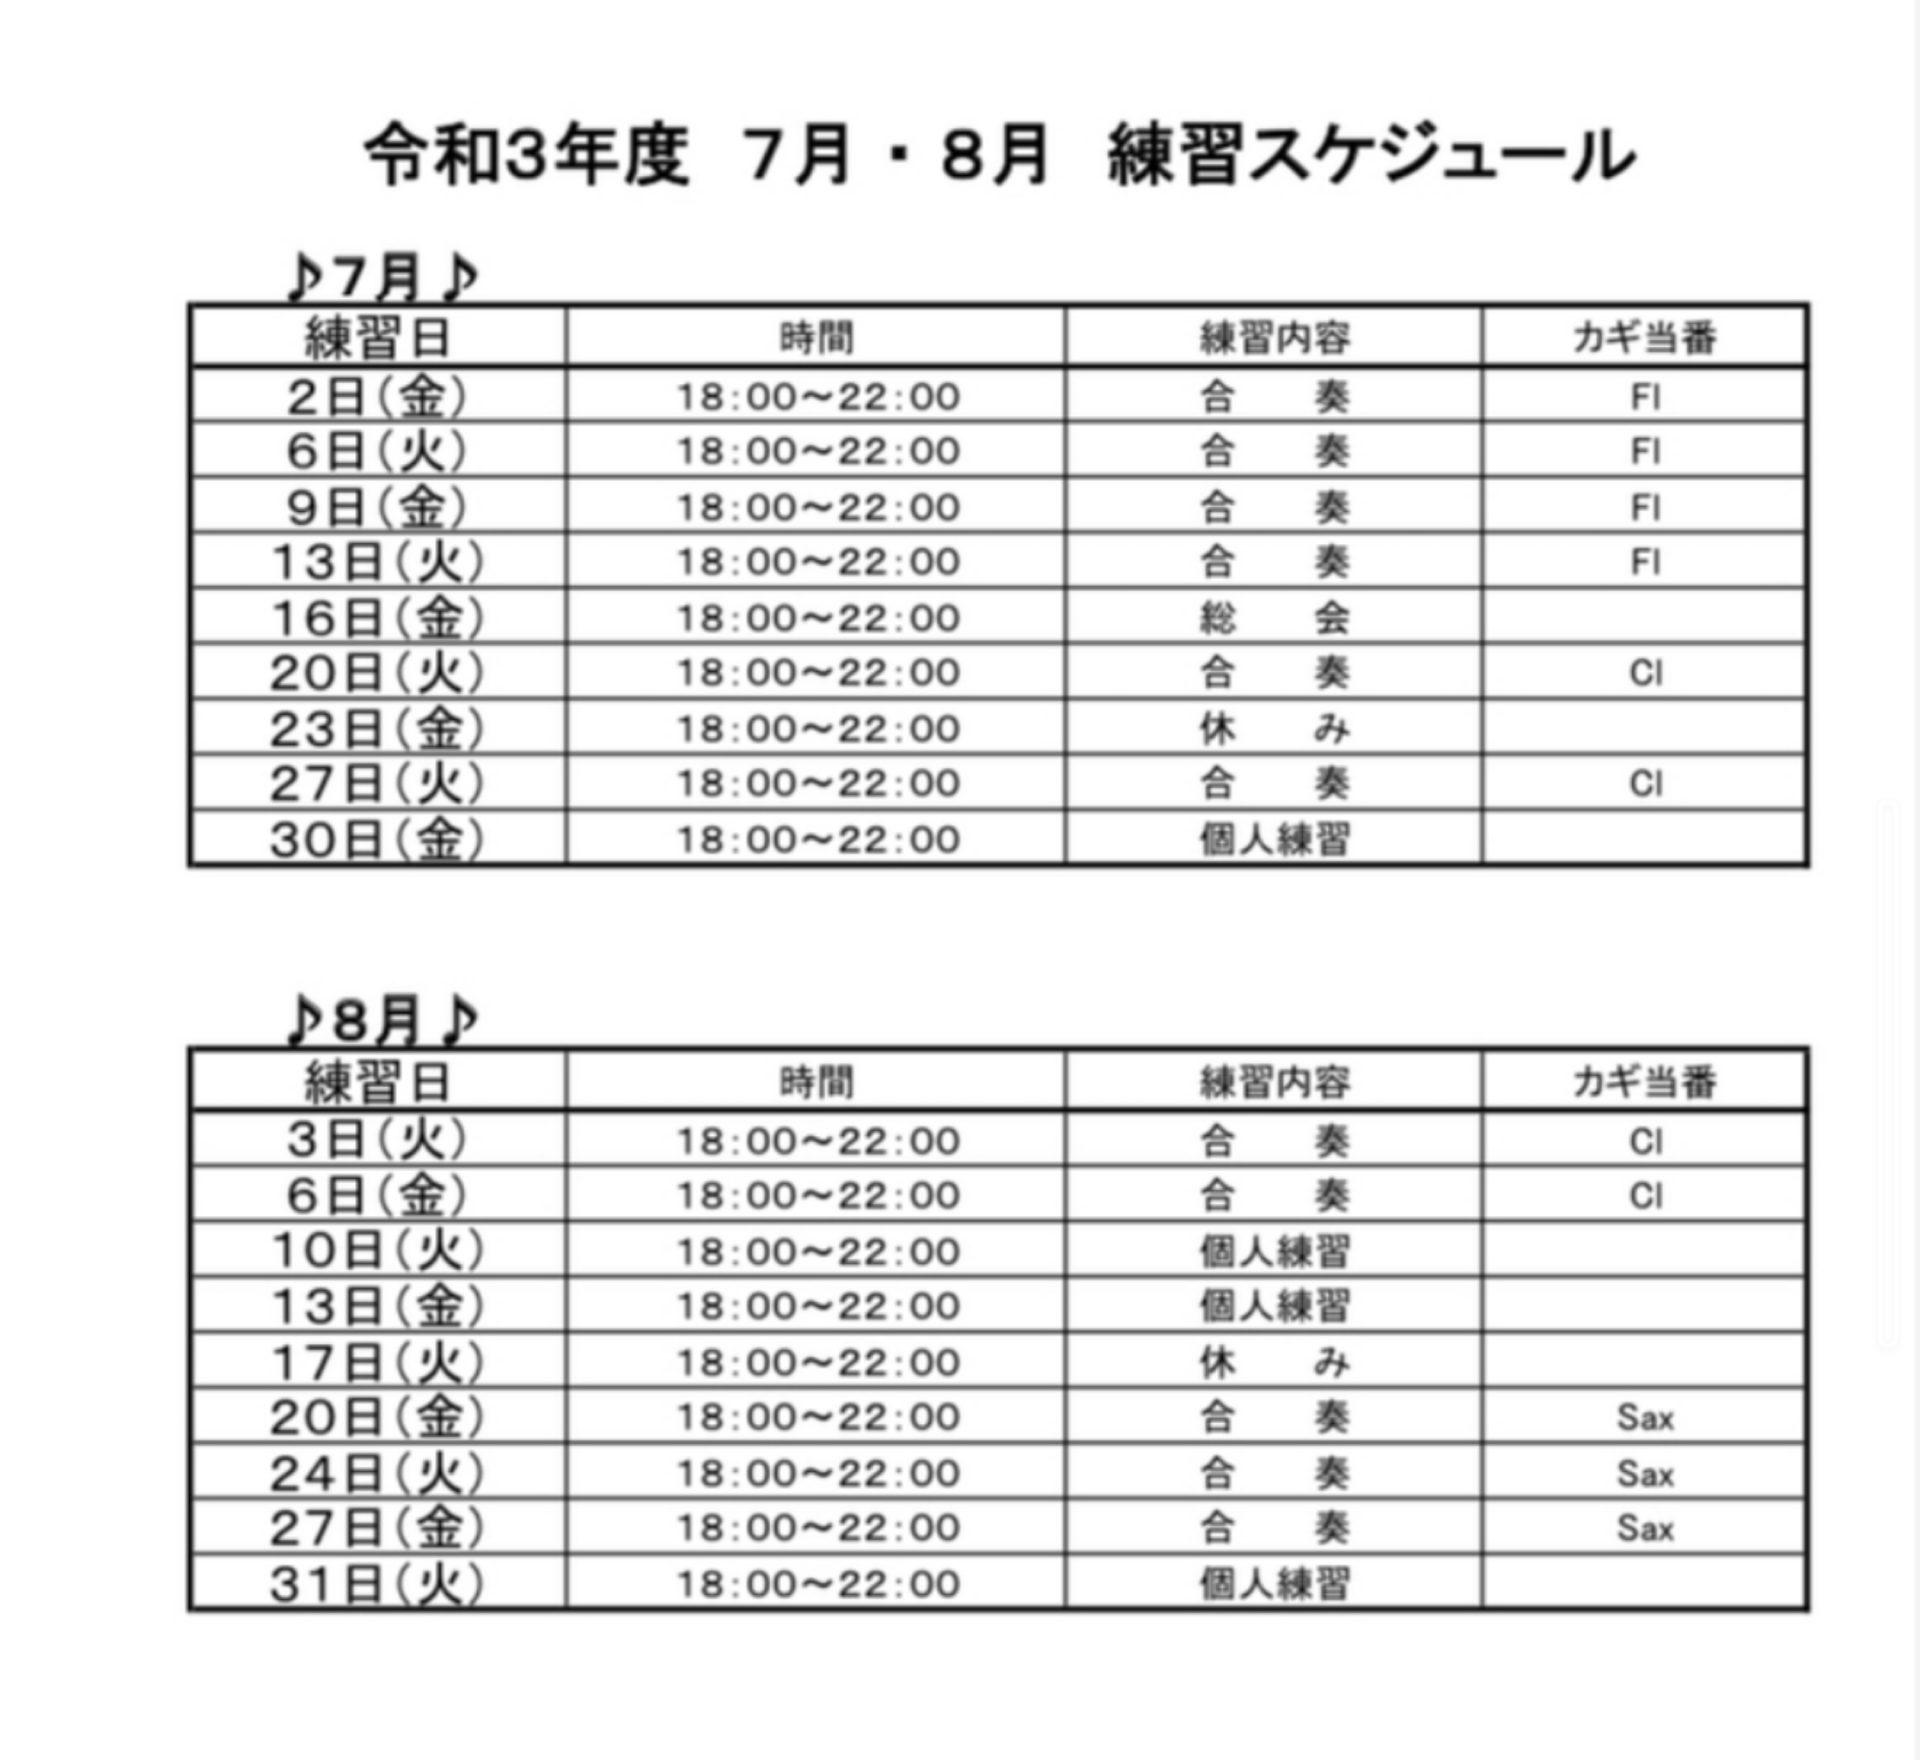 7月・8月の練習スケジュール